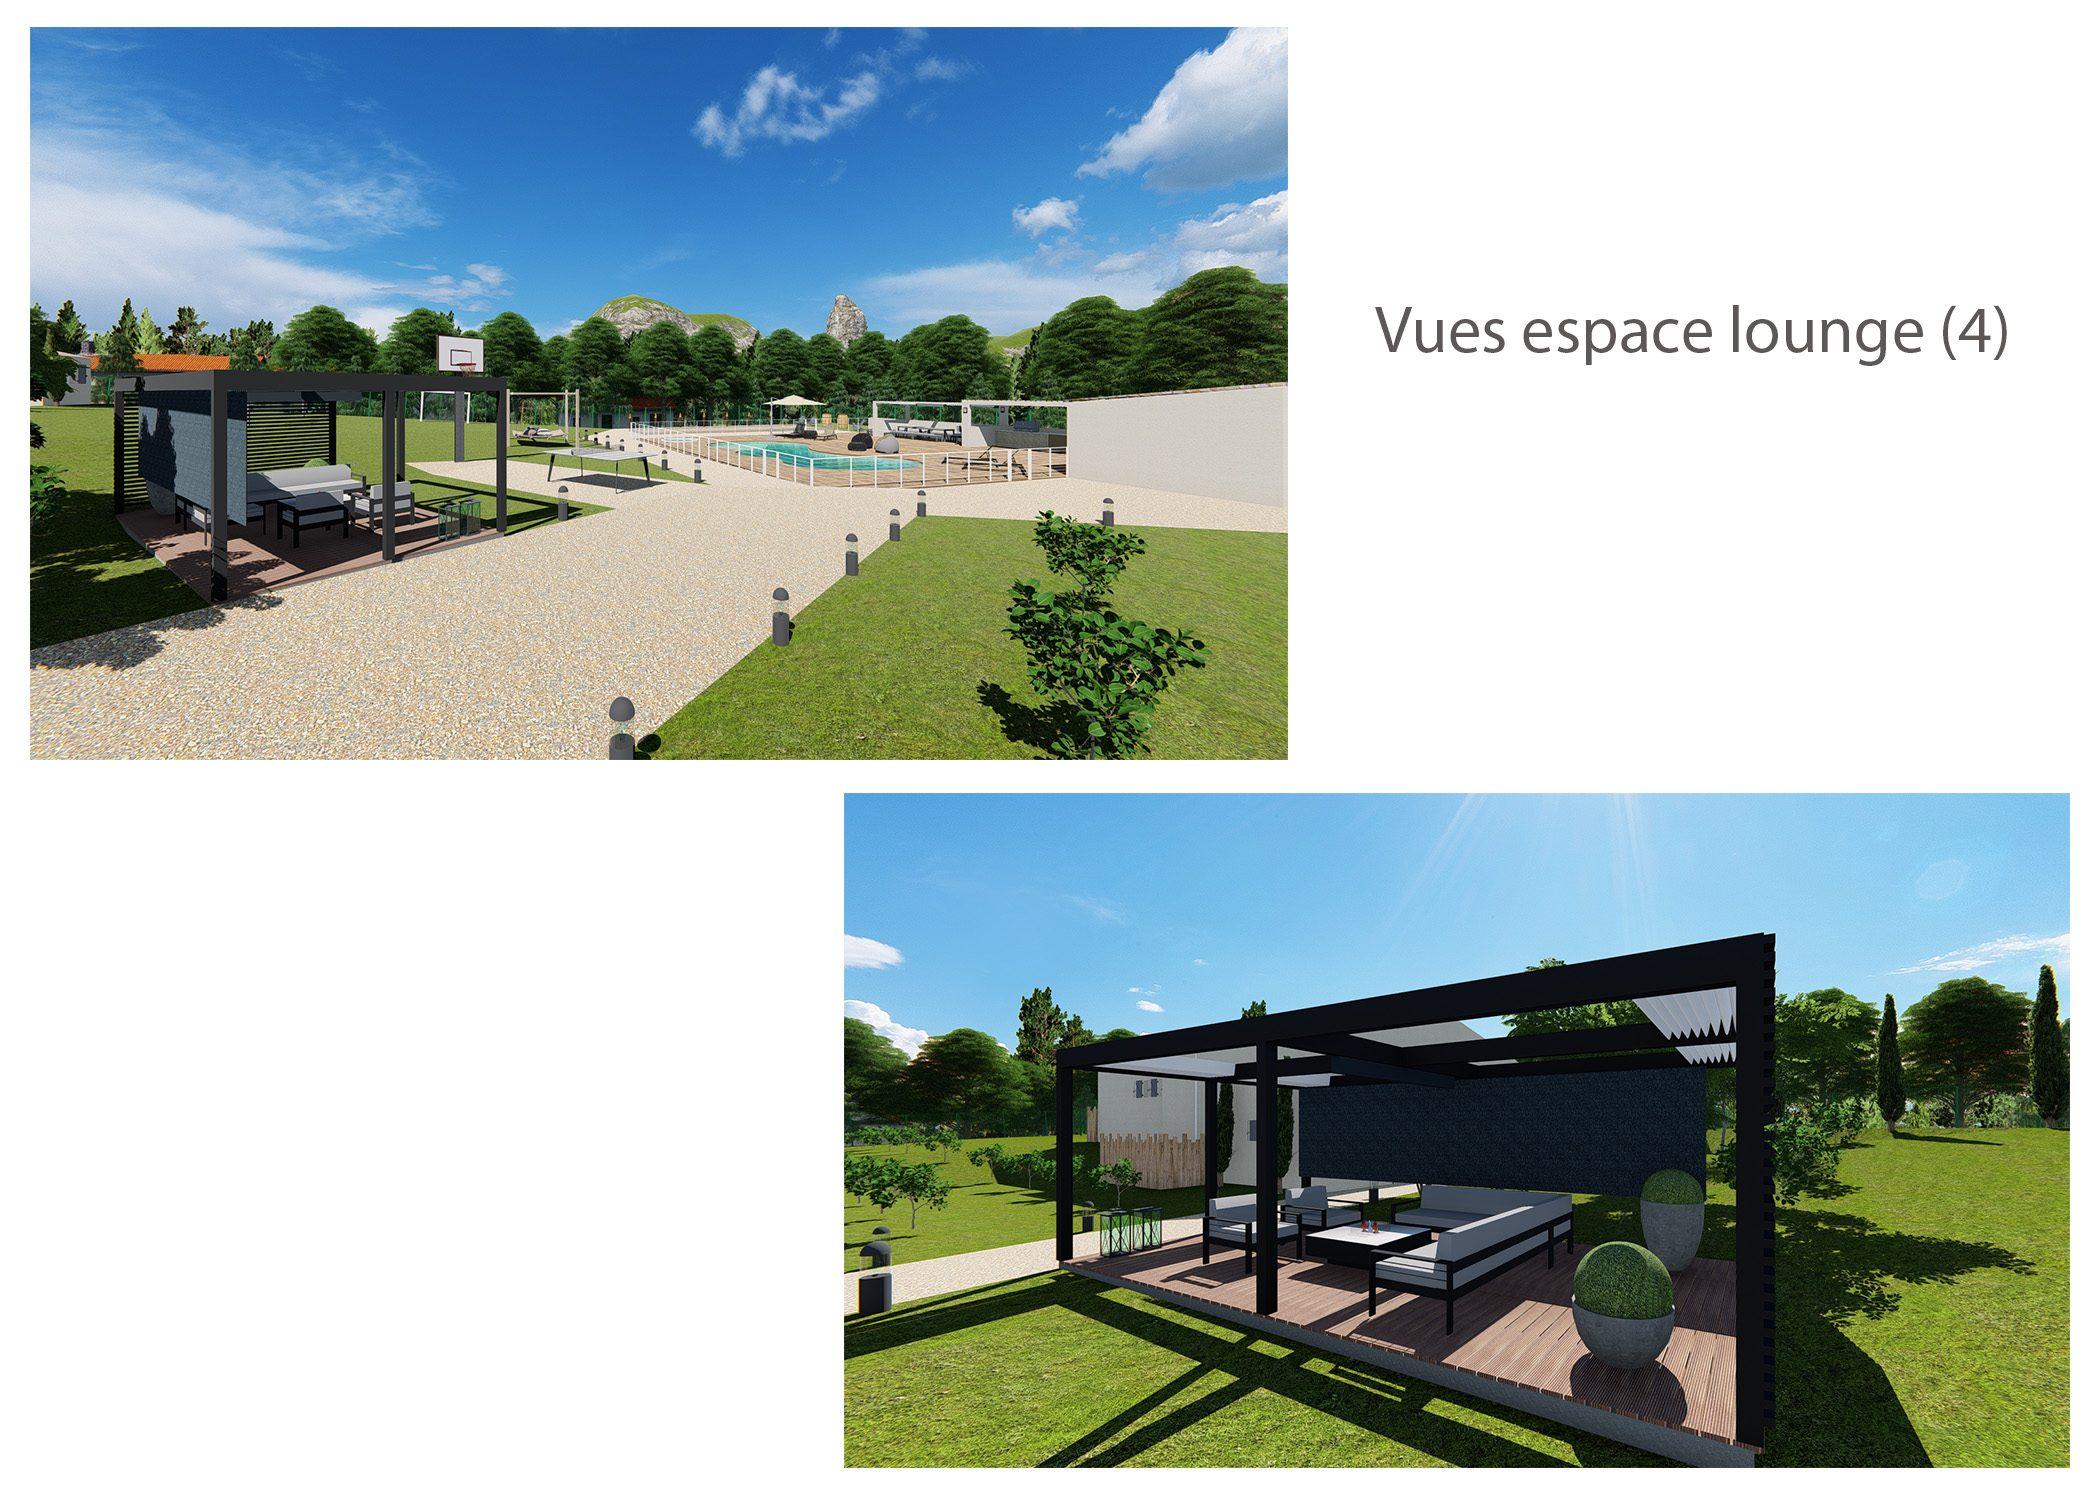 agencement terrain fuveau-espace exterieur-vues espace lounge-dekho design